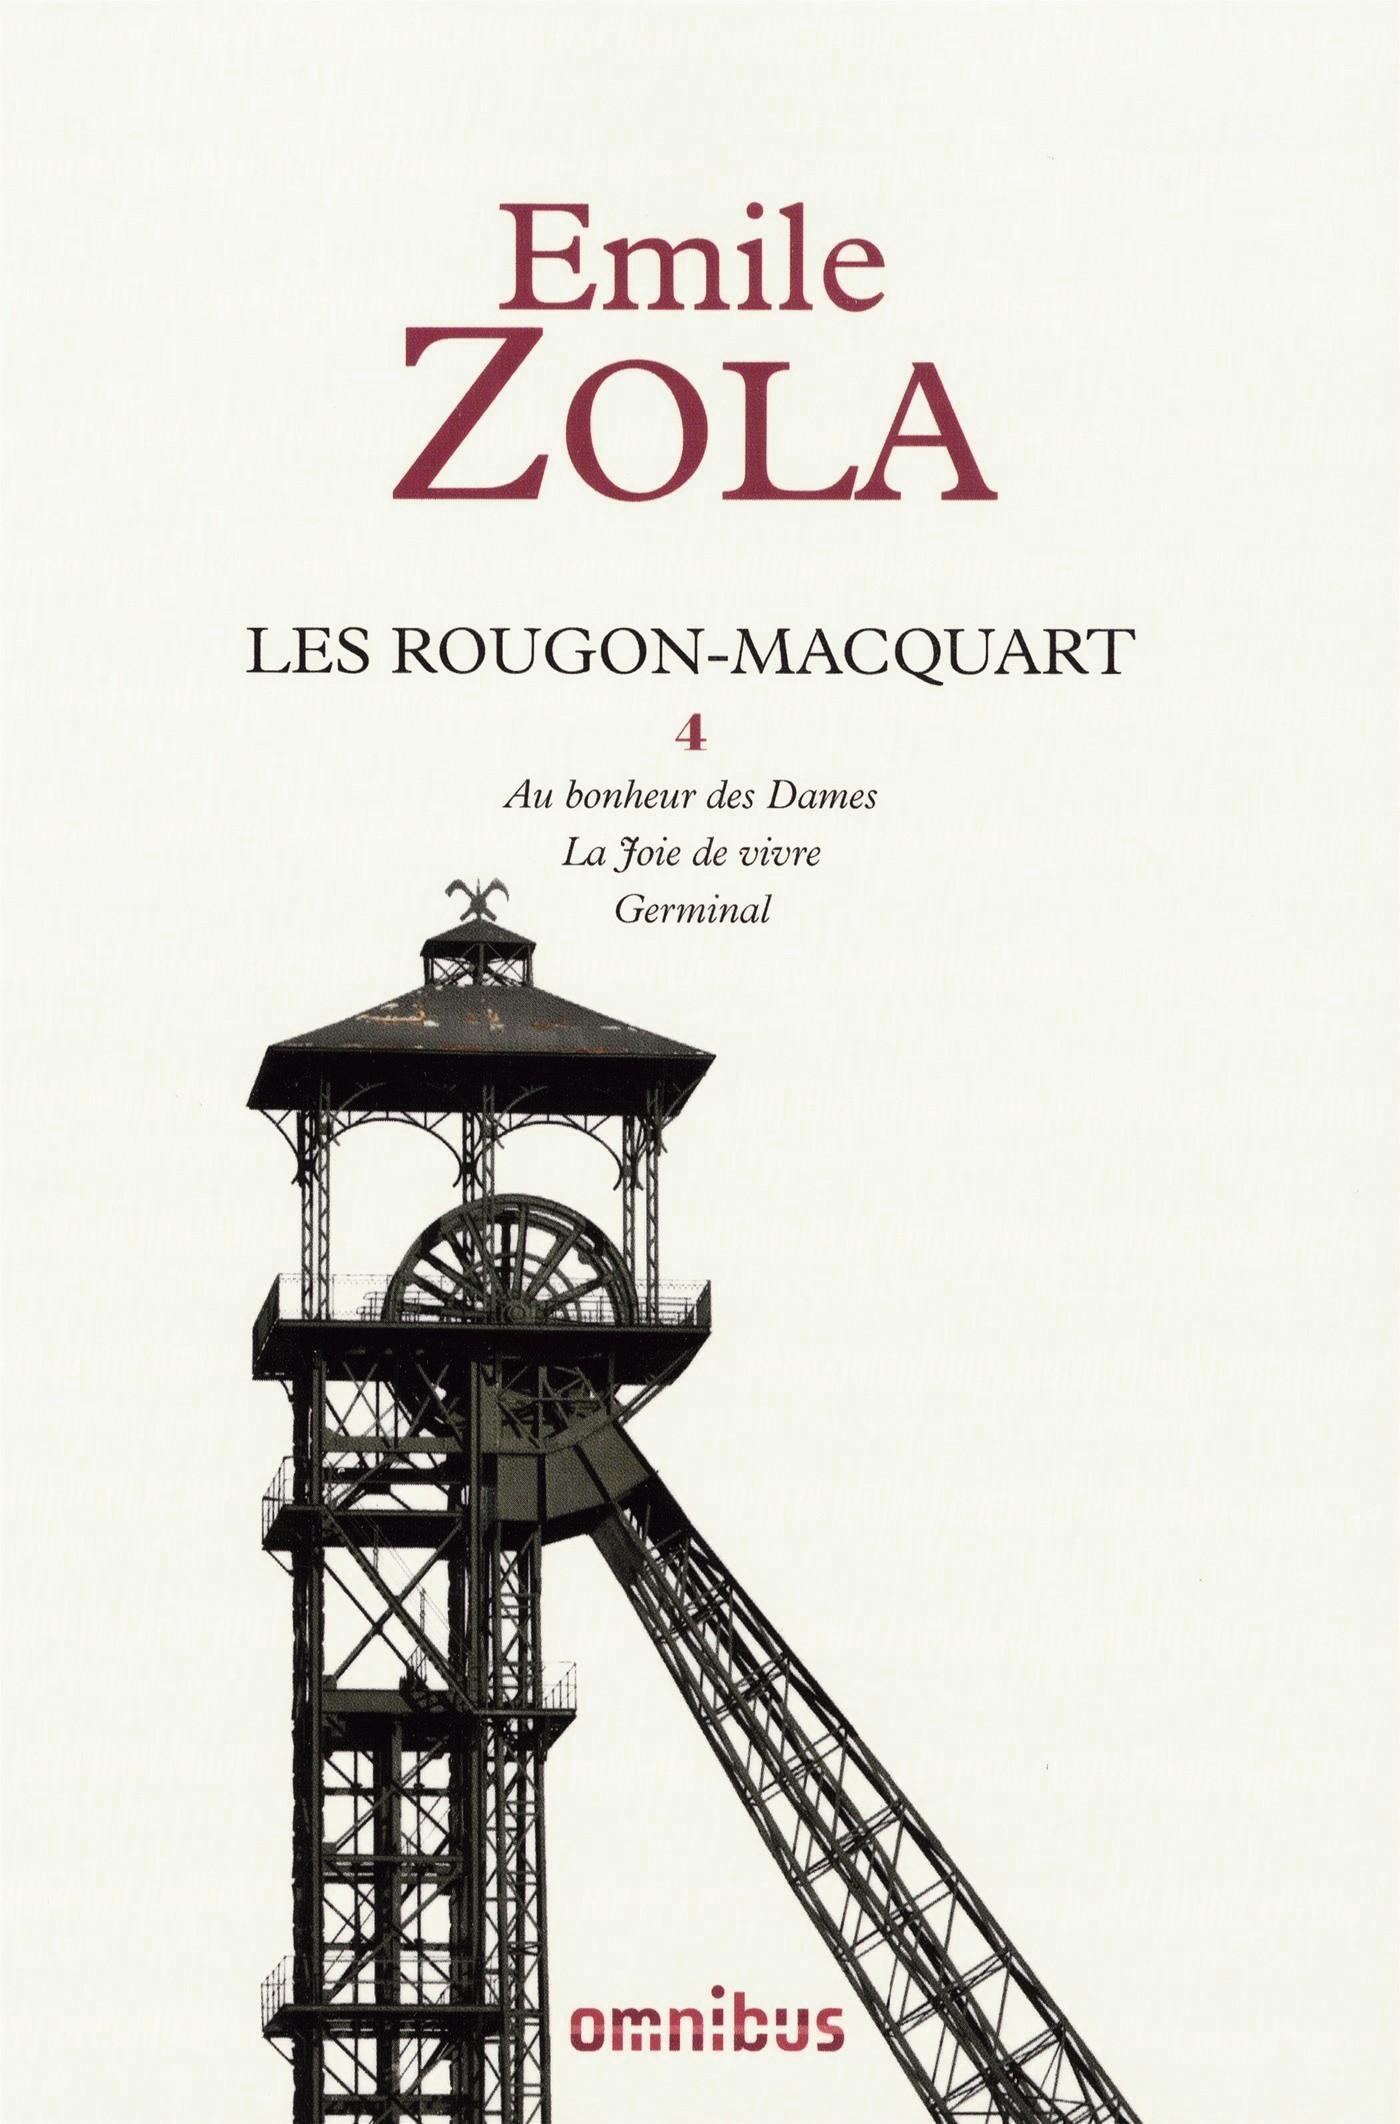 Émile Zola, Les Rougon‑Macquart, 1871‑1893.